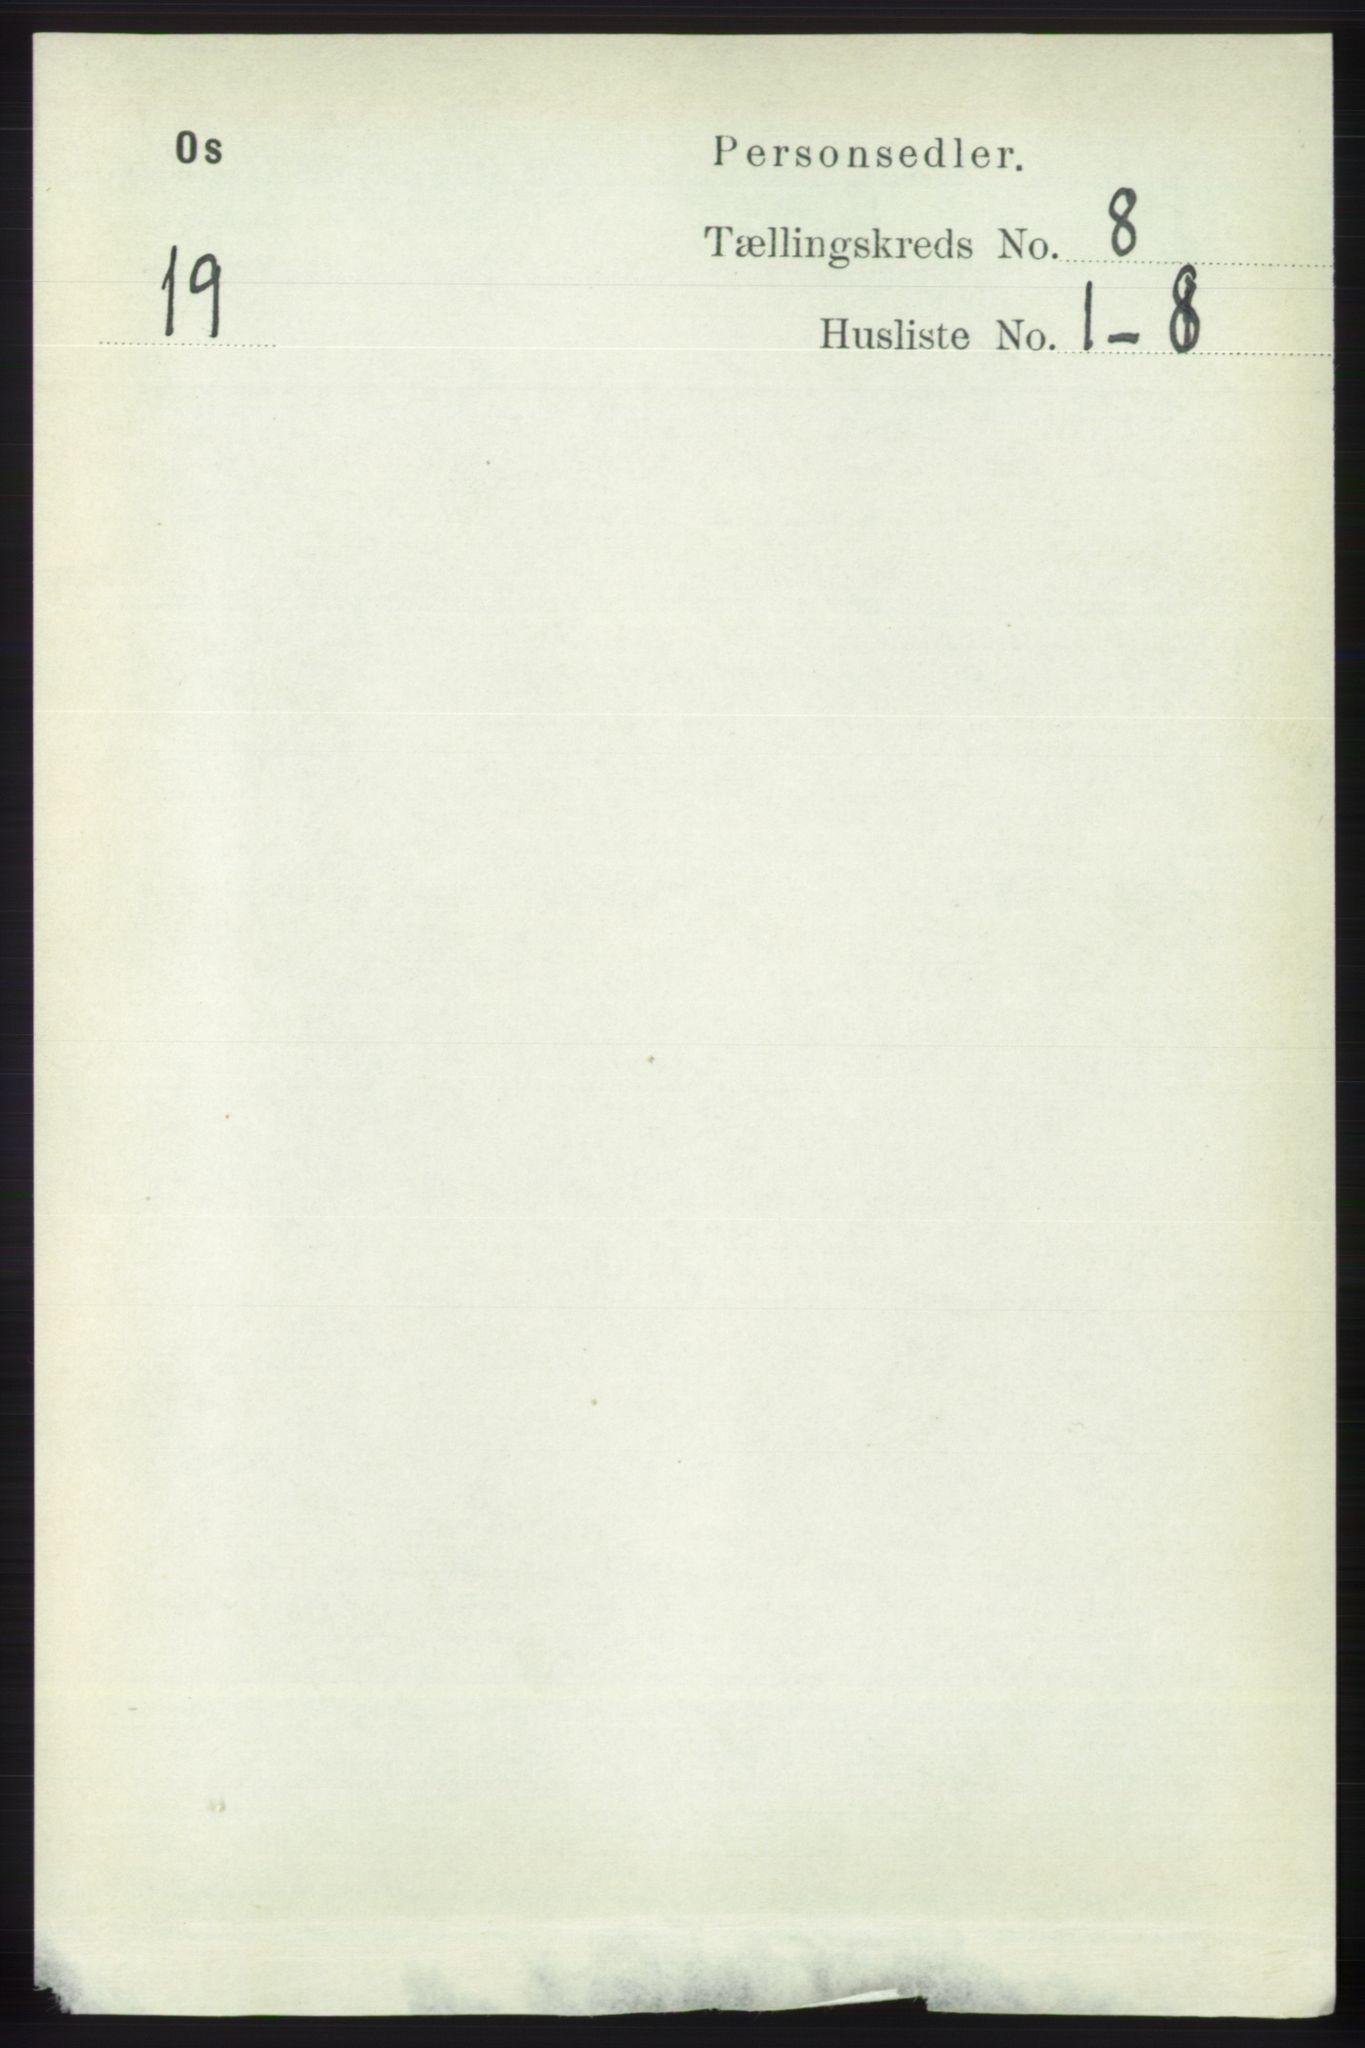 RA, Folketelling 1891 for 1243 Os herred, 1891, s. 1835